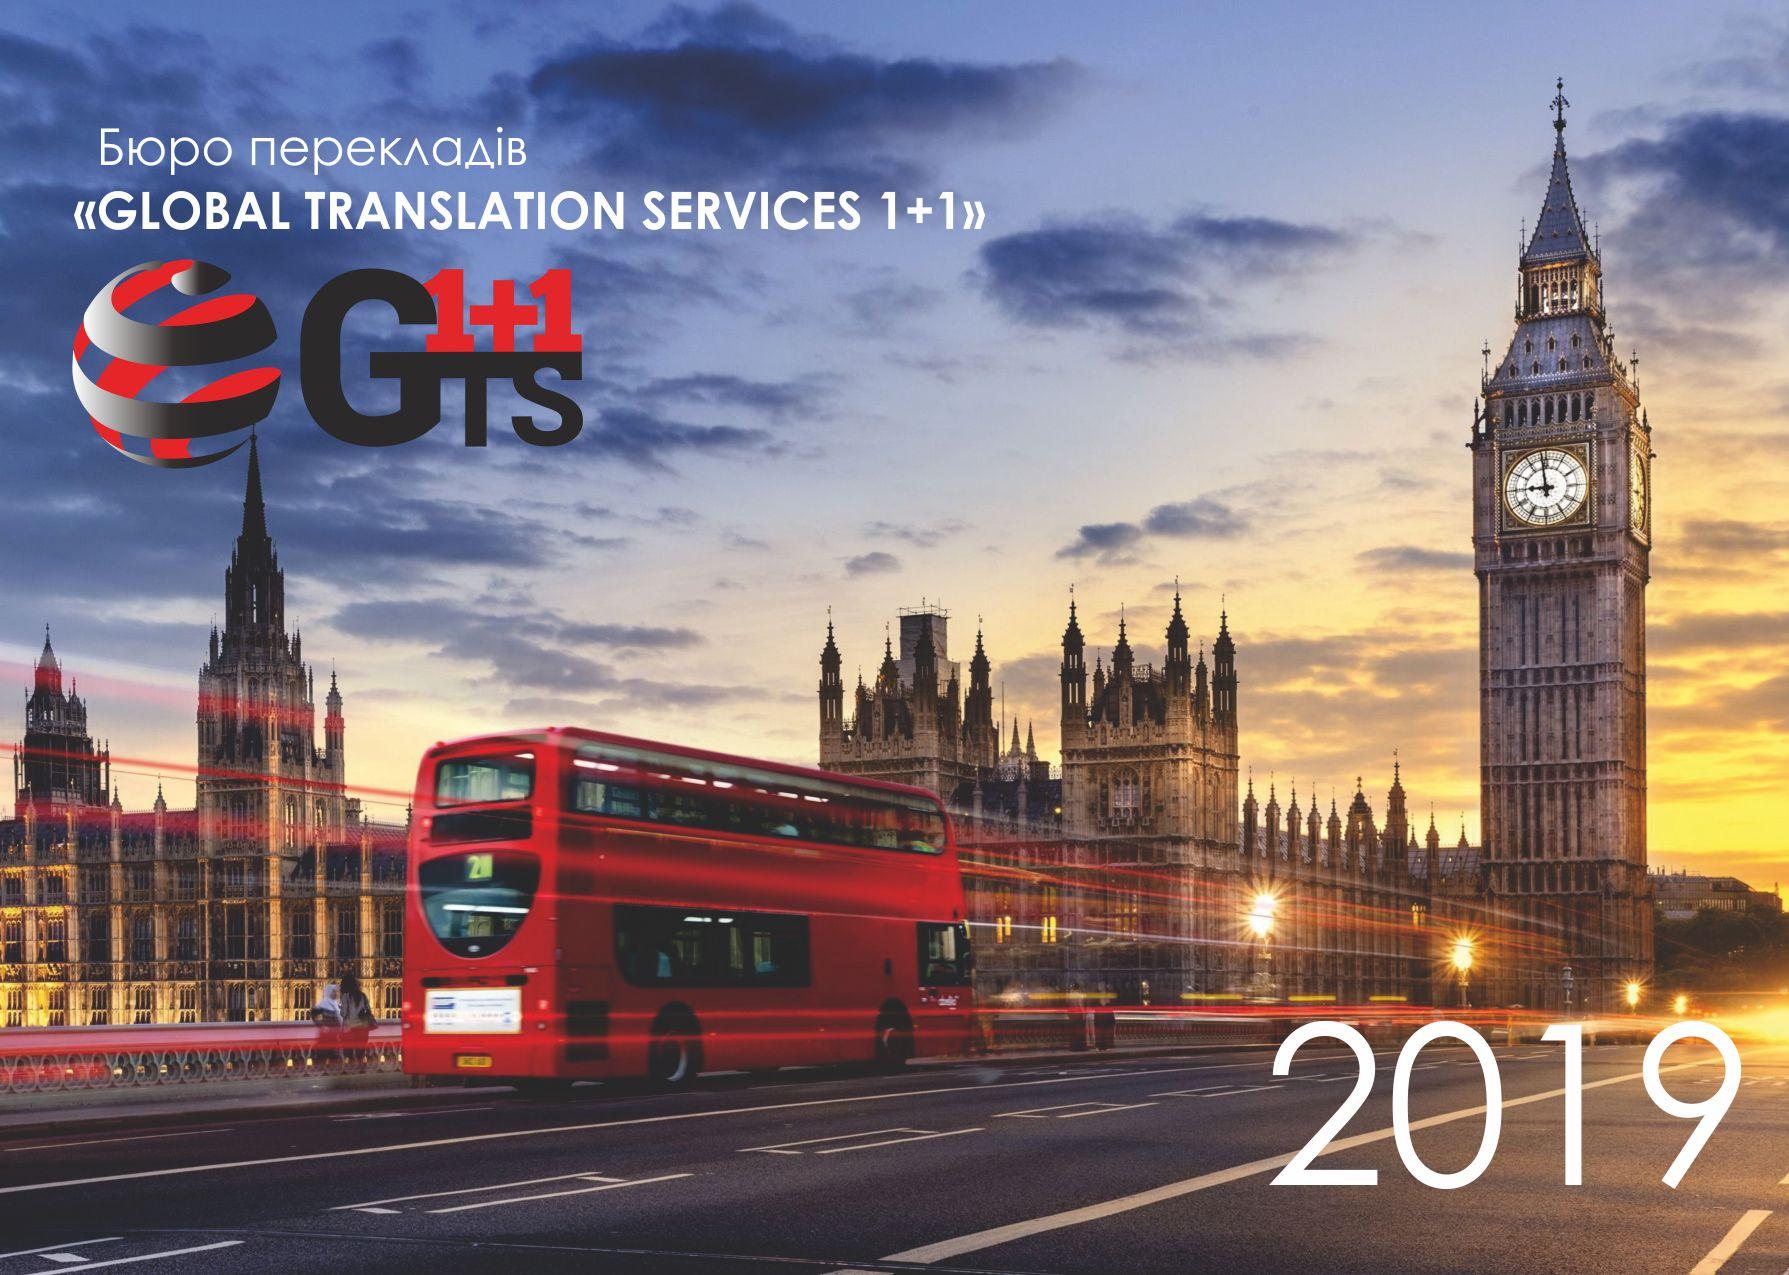 Дизайн квартального календаря бюро переводов GTS вариант №2 www.makety.top